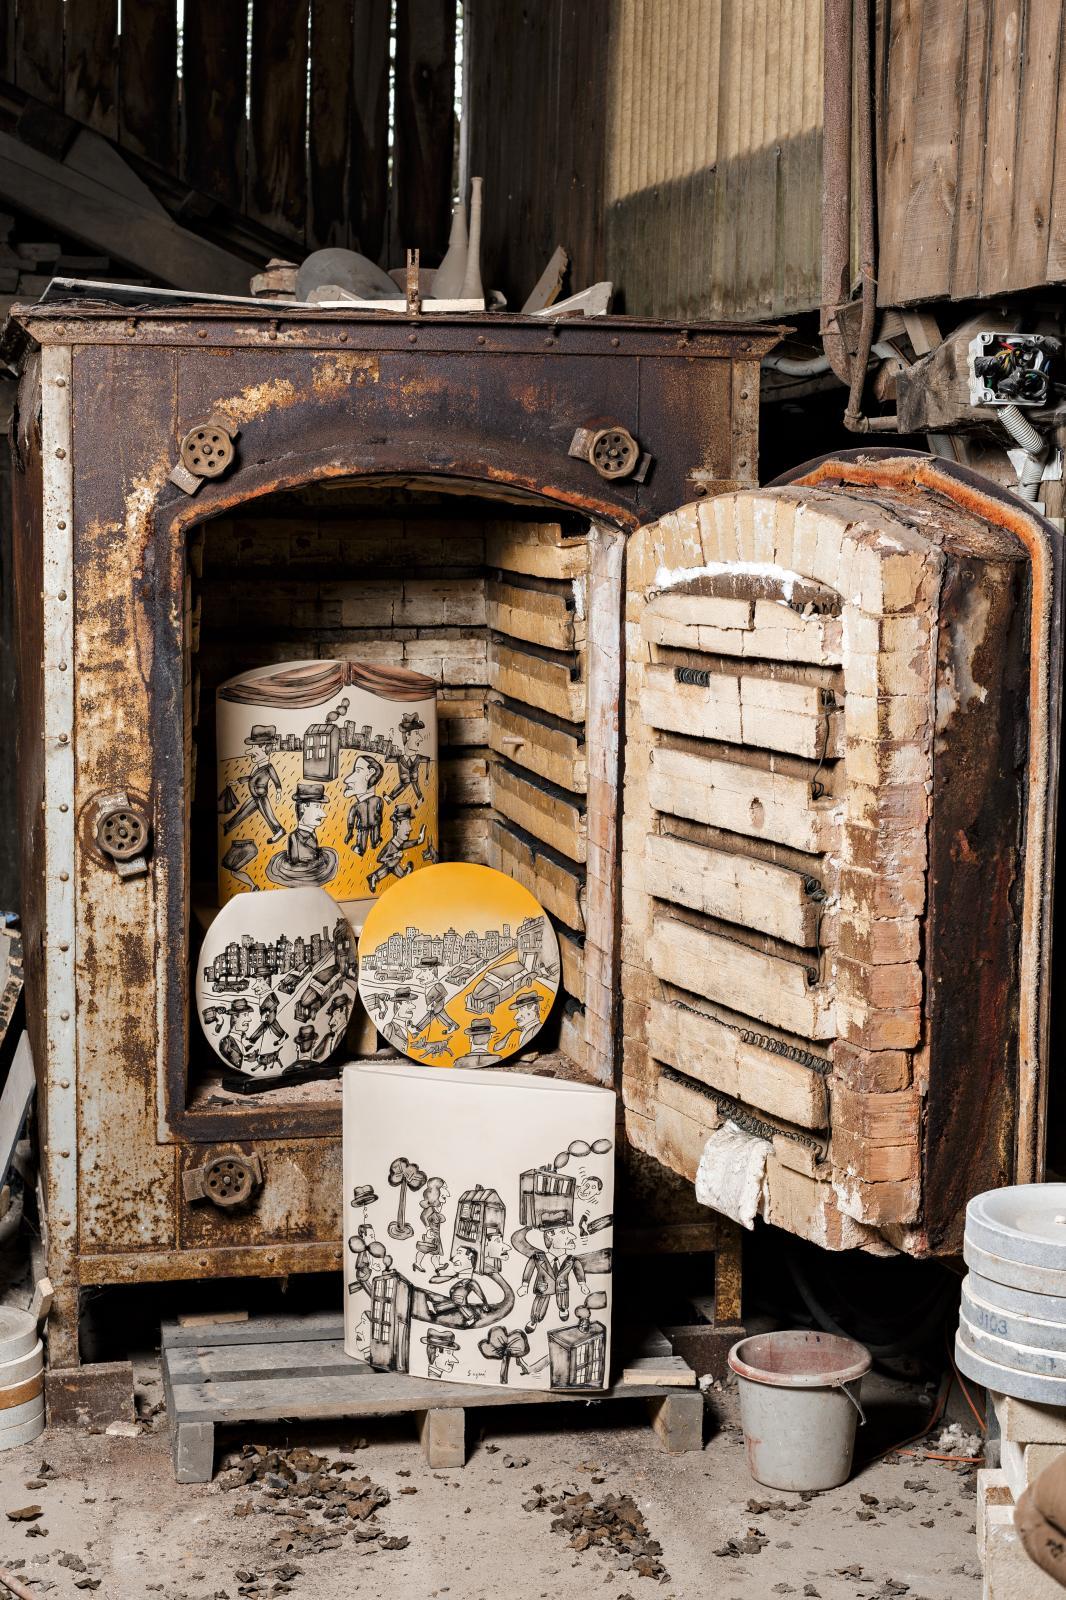 Des céramiques d'Antonio Seguí présentées dans l'un des fours de la Tuilerie.